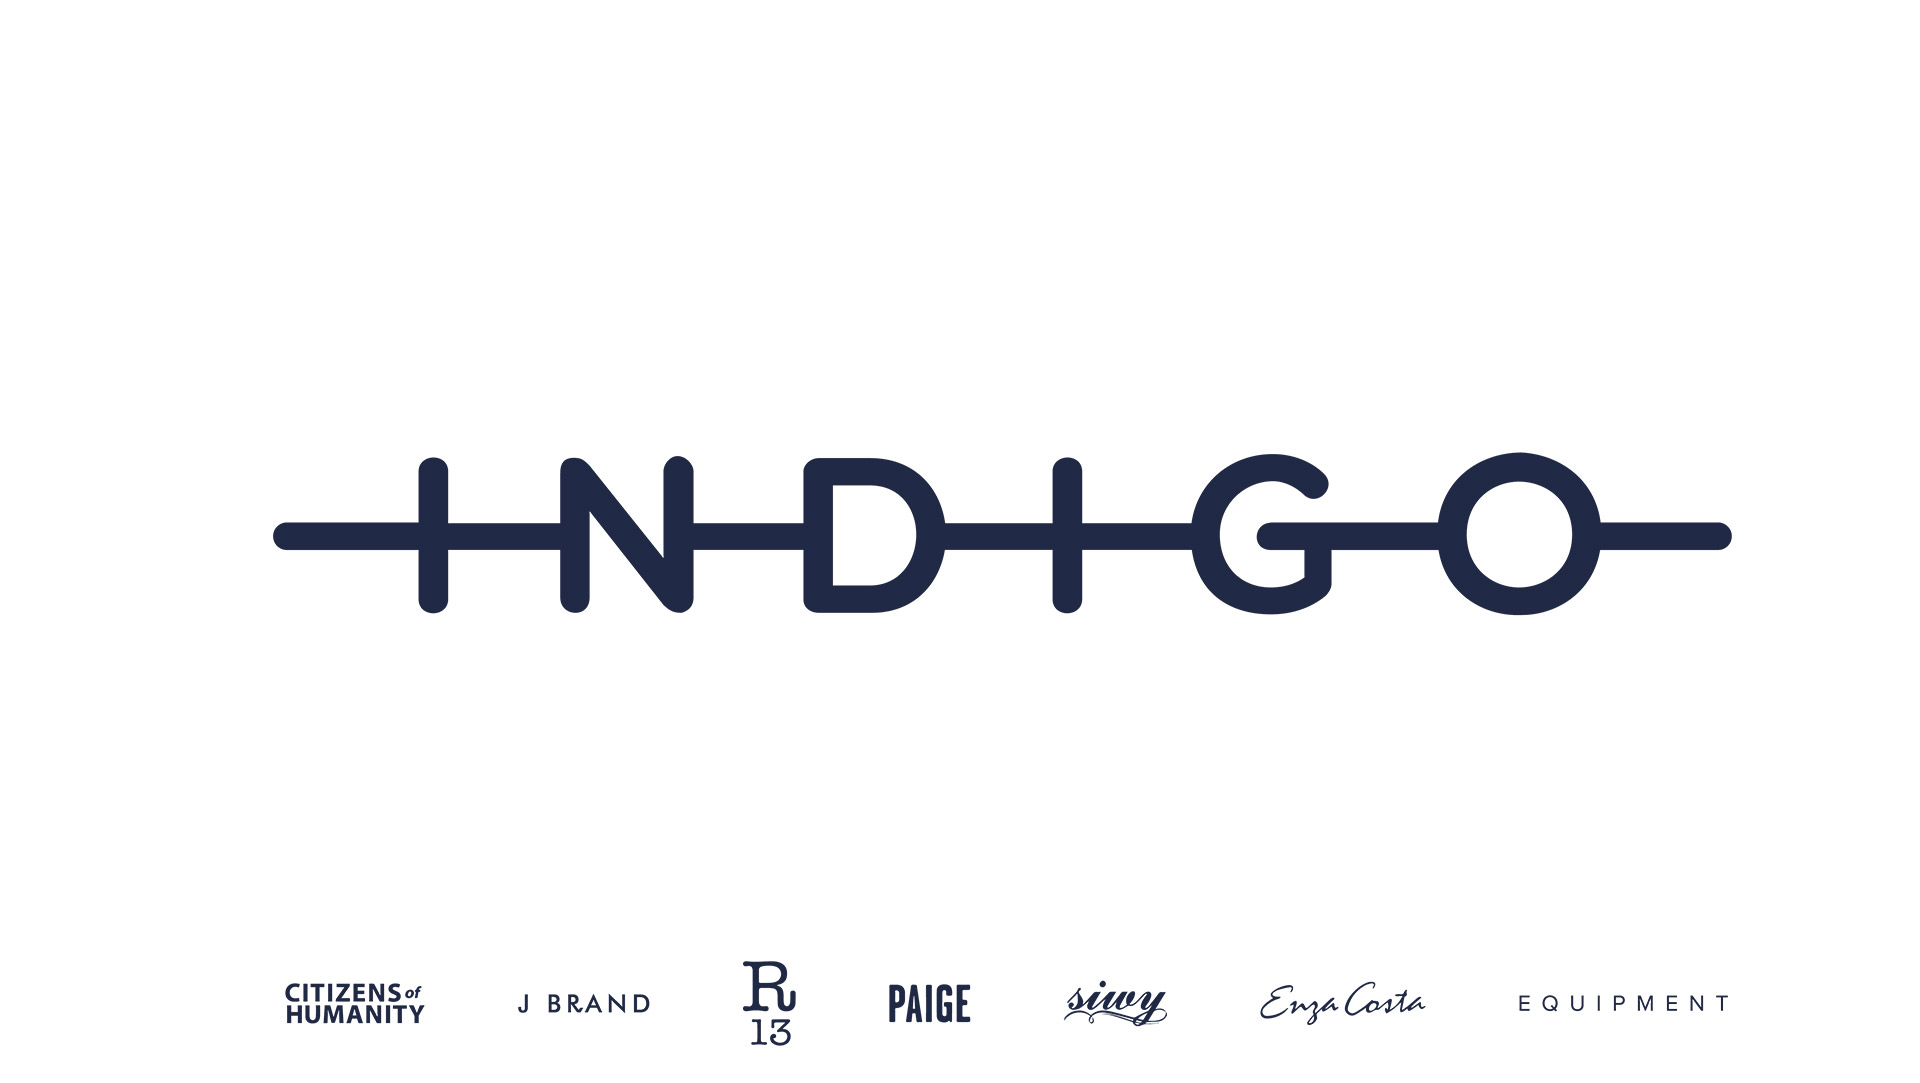 indigo-02-dizajn-studio-sudar-zagreb